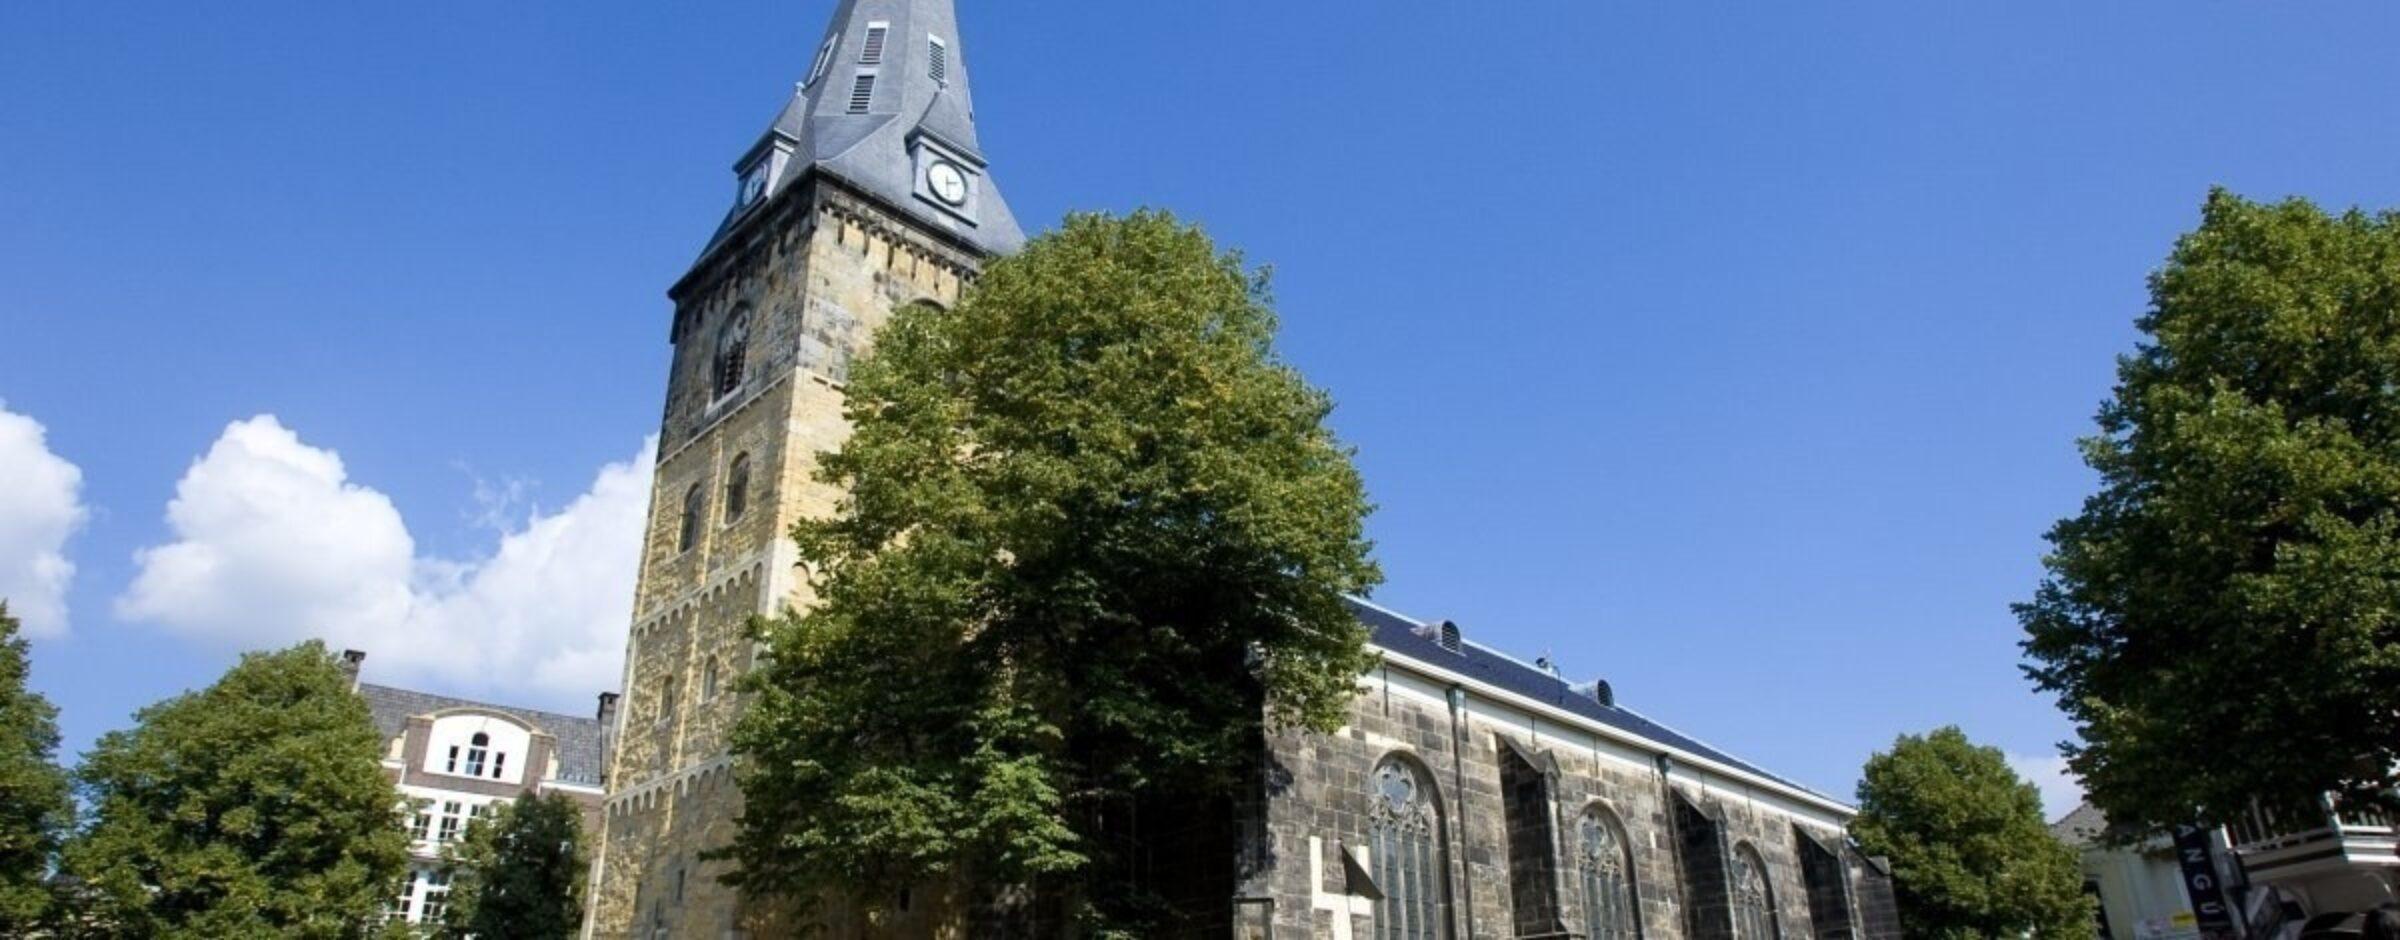 Kerk enschede